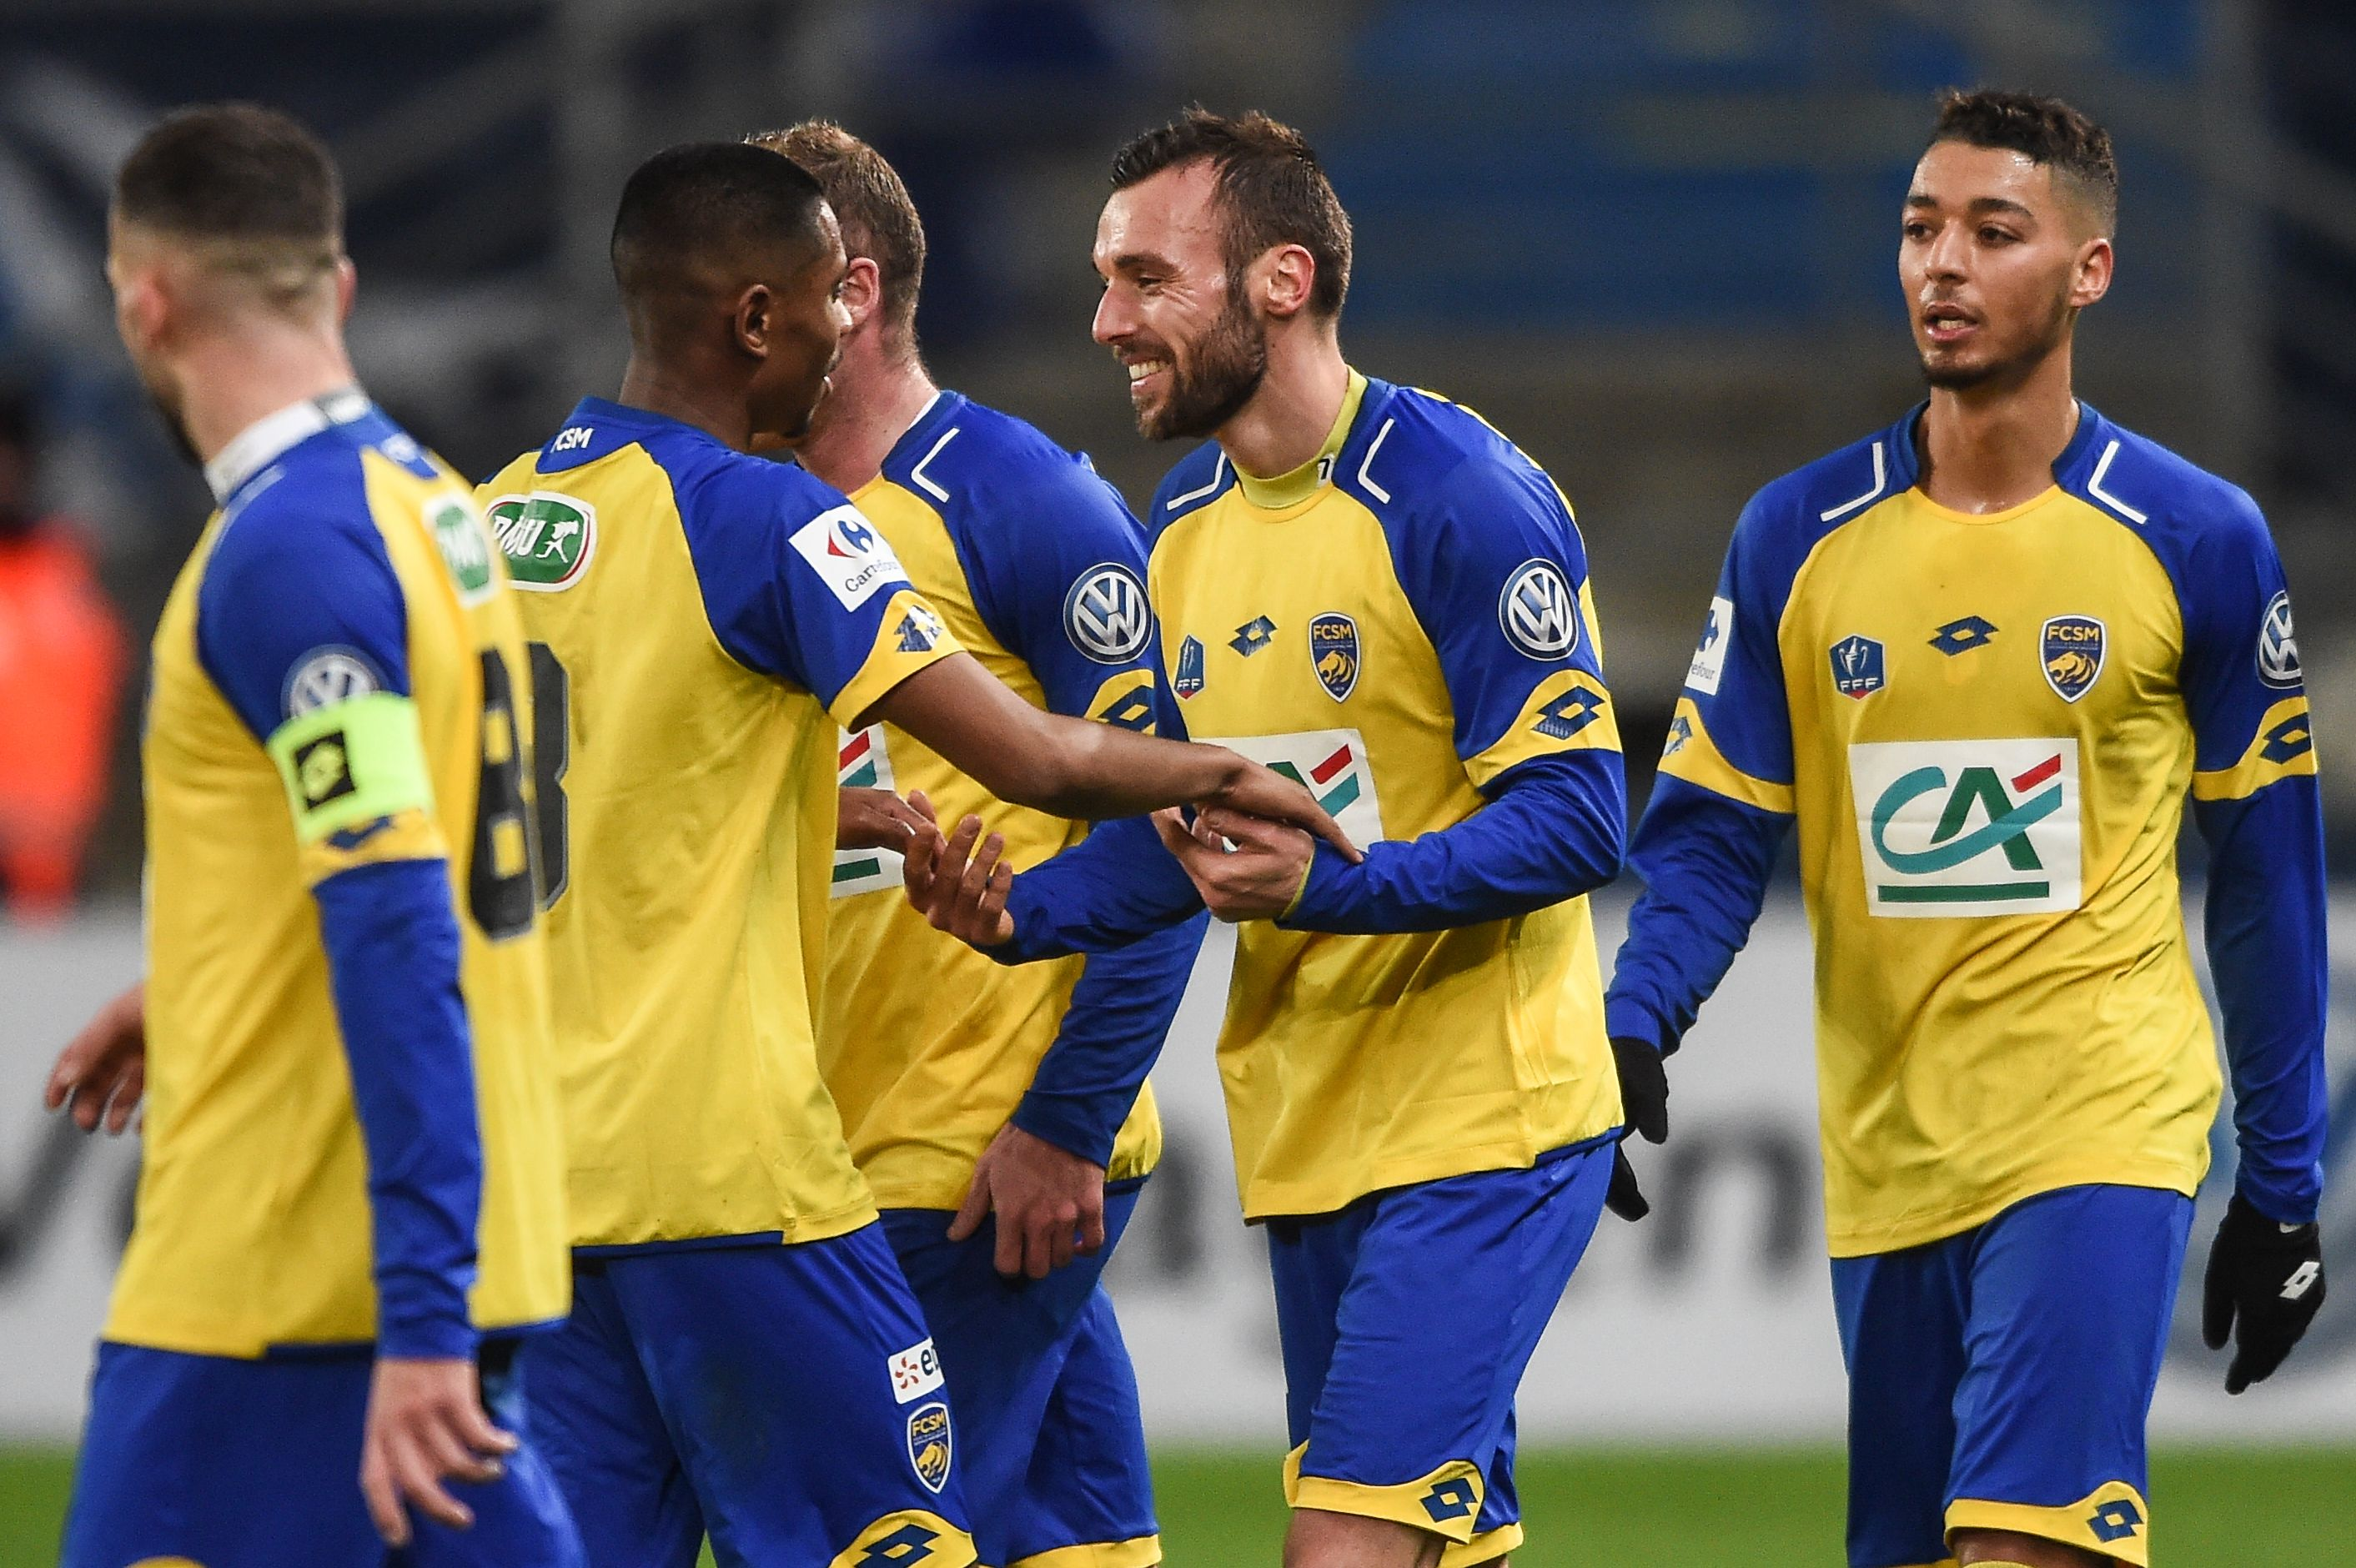 Coupe de france sochaux humilie amiens coupe de france football - Football coupe de france ...